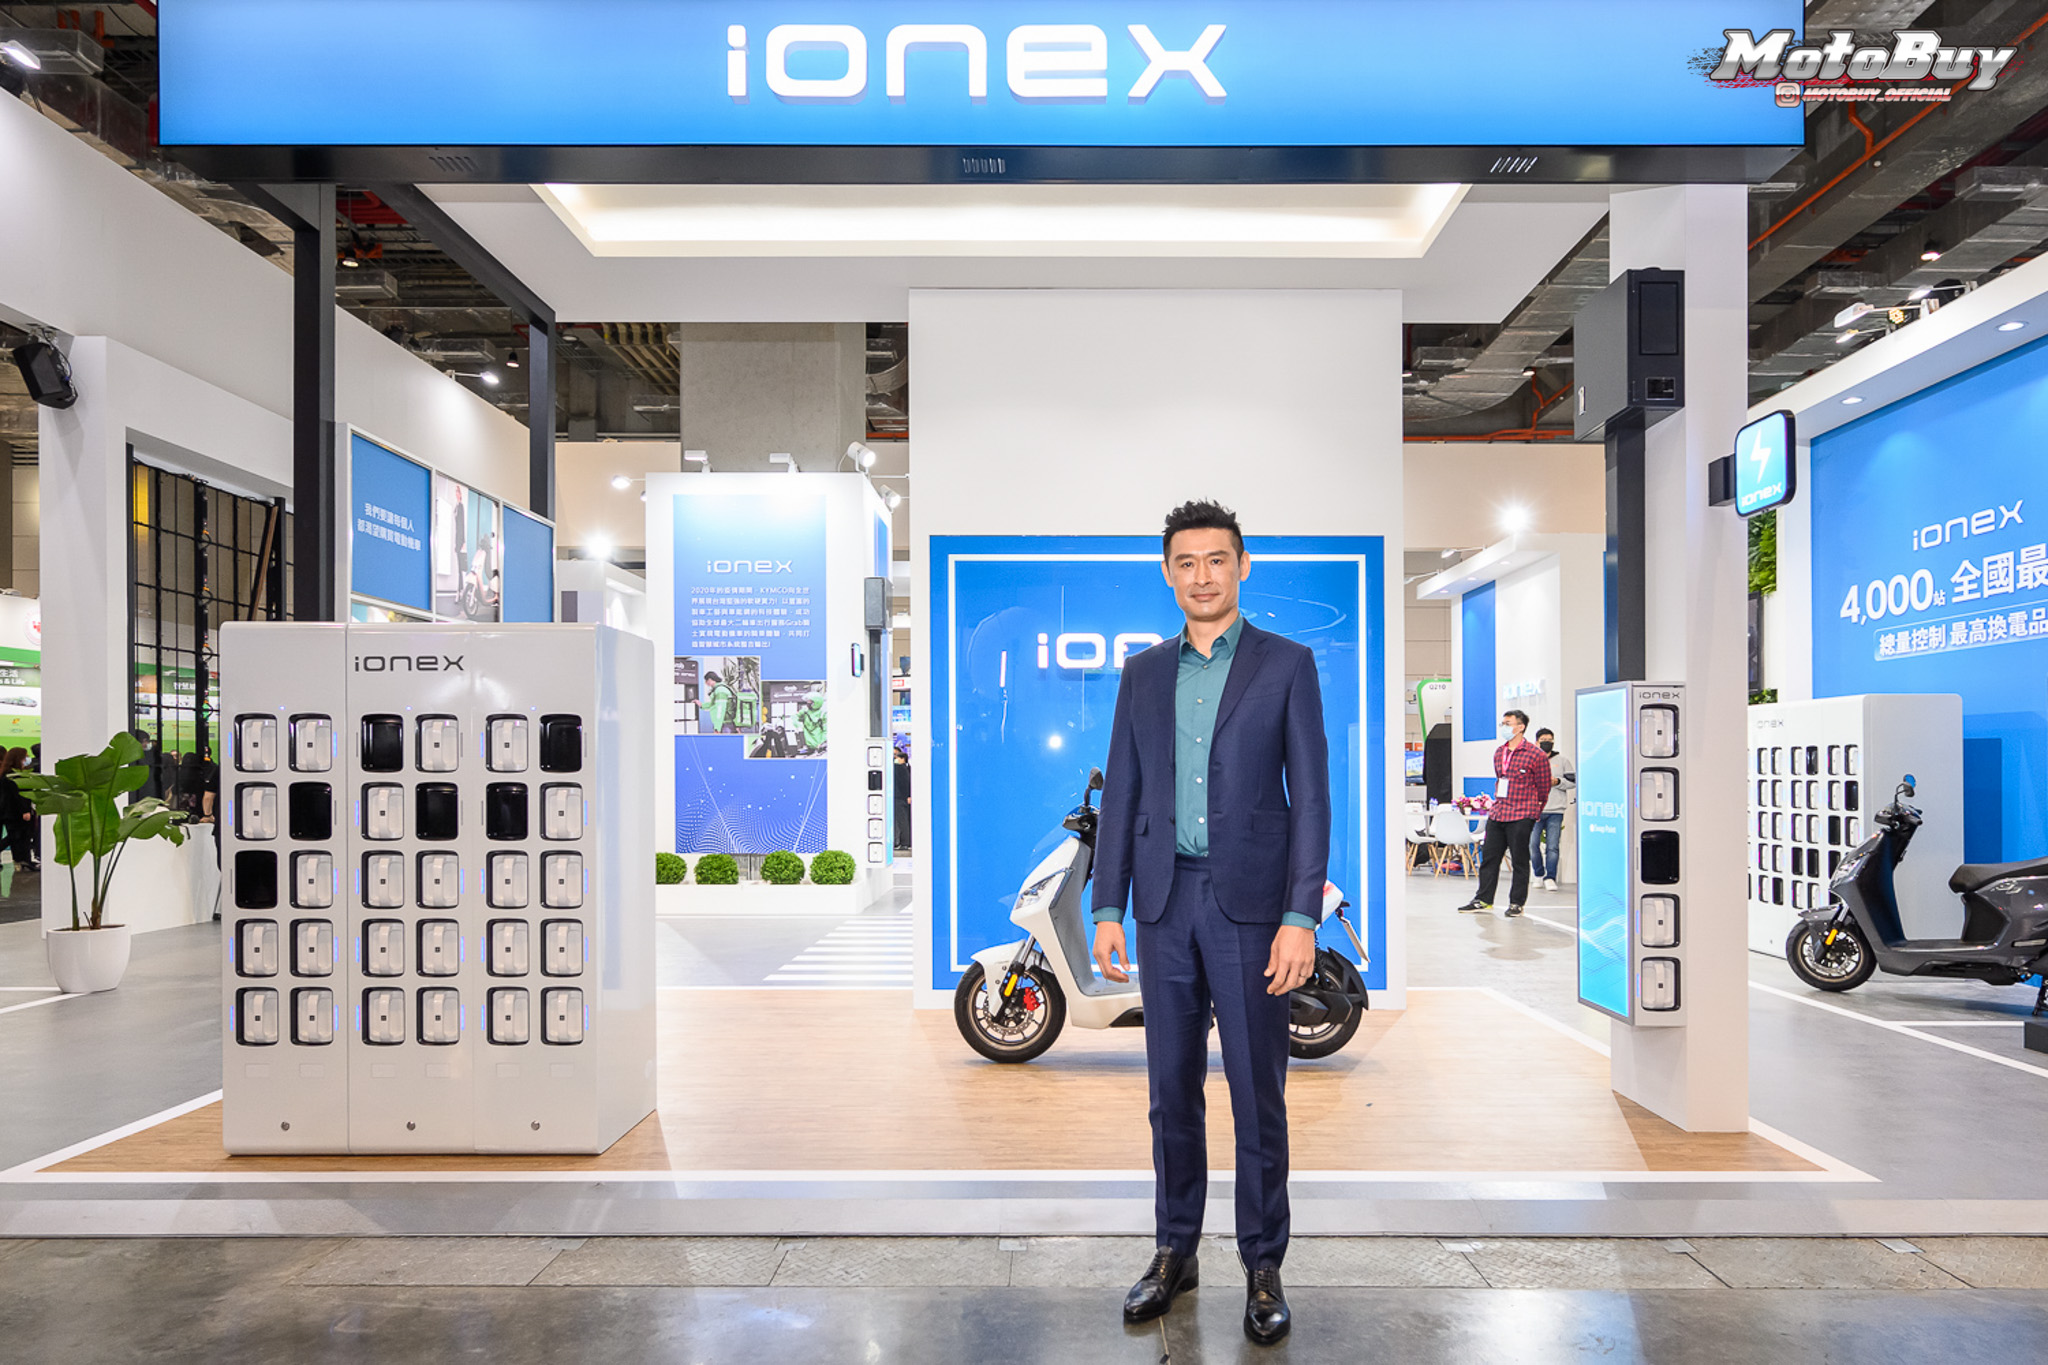 1. KYMCO今(23)起一連四天在2021智慧城市展中盛大展出令人耳目一新Ionex 3.0革命性電動機車解決方案。